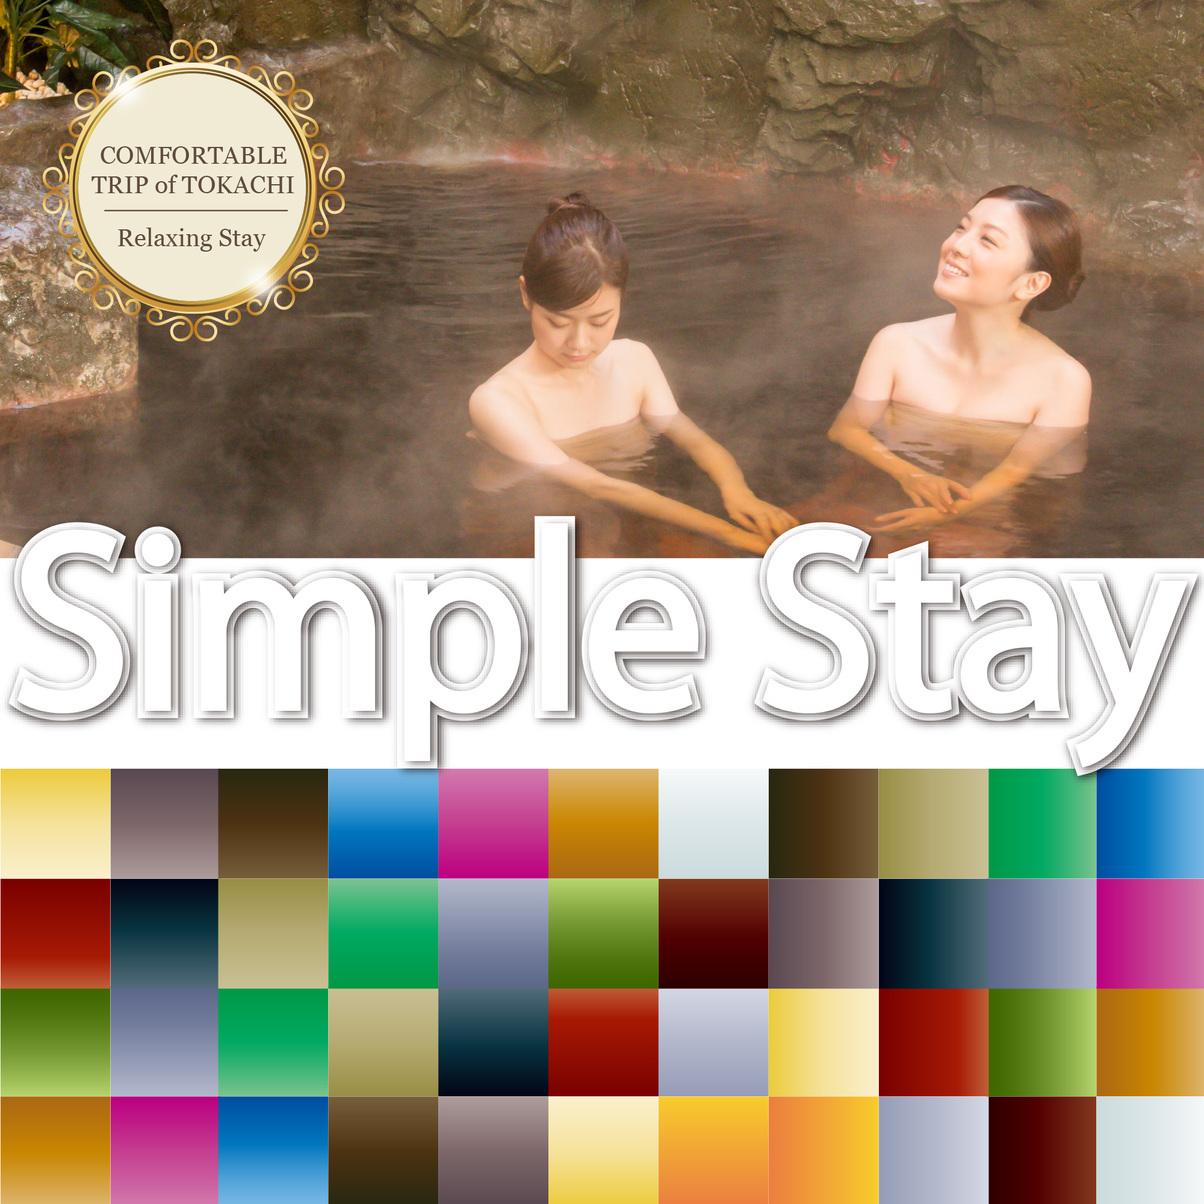 【お得!シティビジネス】朝食付き・シンプルステイ♪天然モール温泉満喫プラン